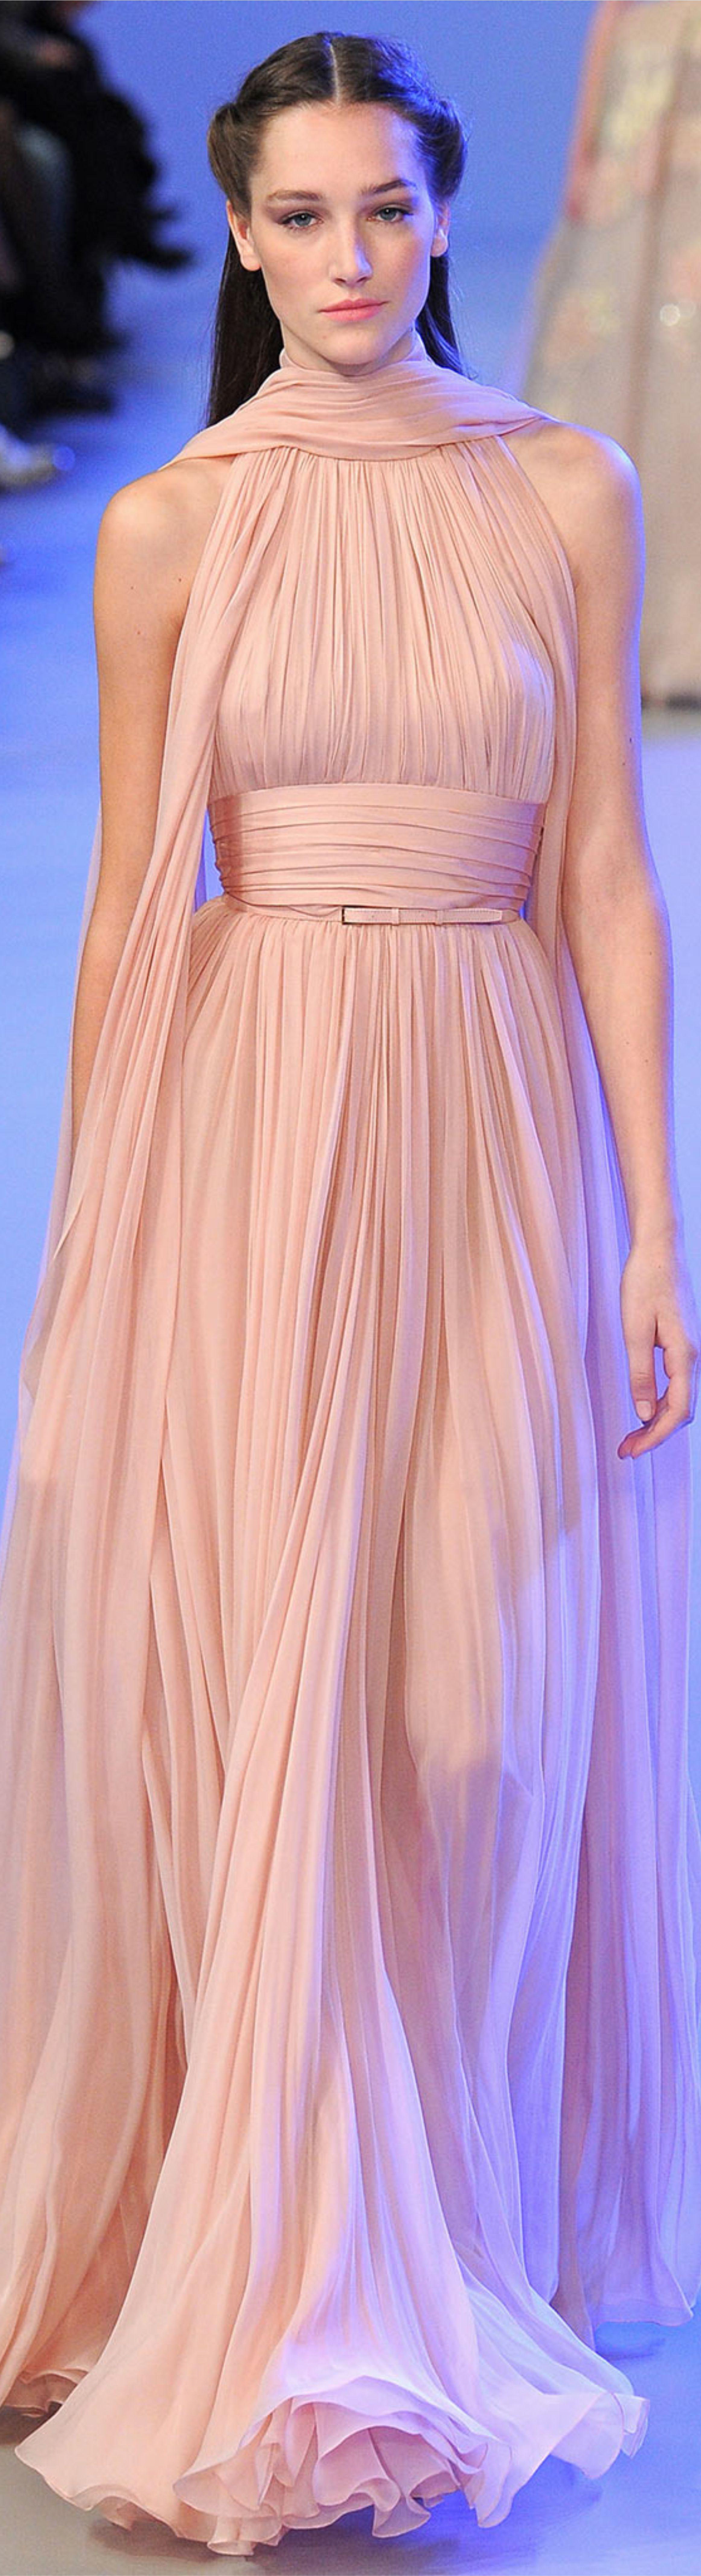 Lindo diseño ✿⊱╮ | Fashion | Pinterest | Lindo, Vestiditos y ...